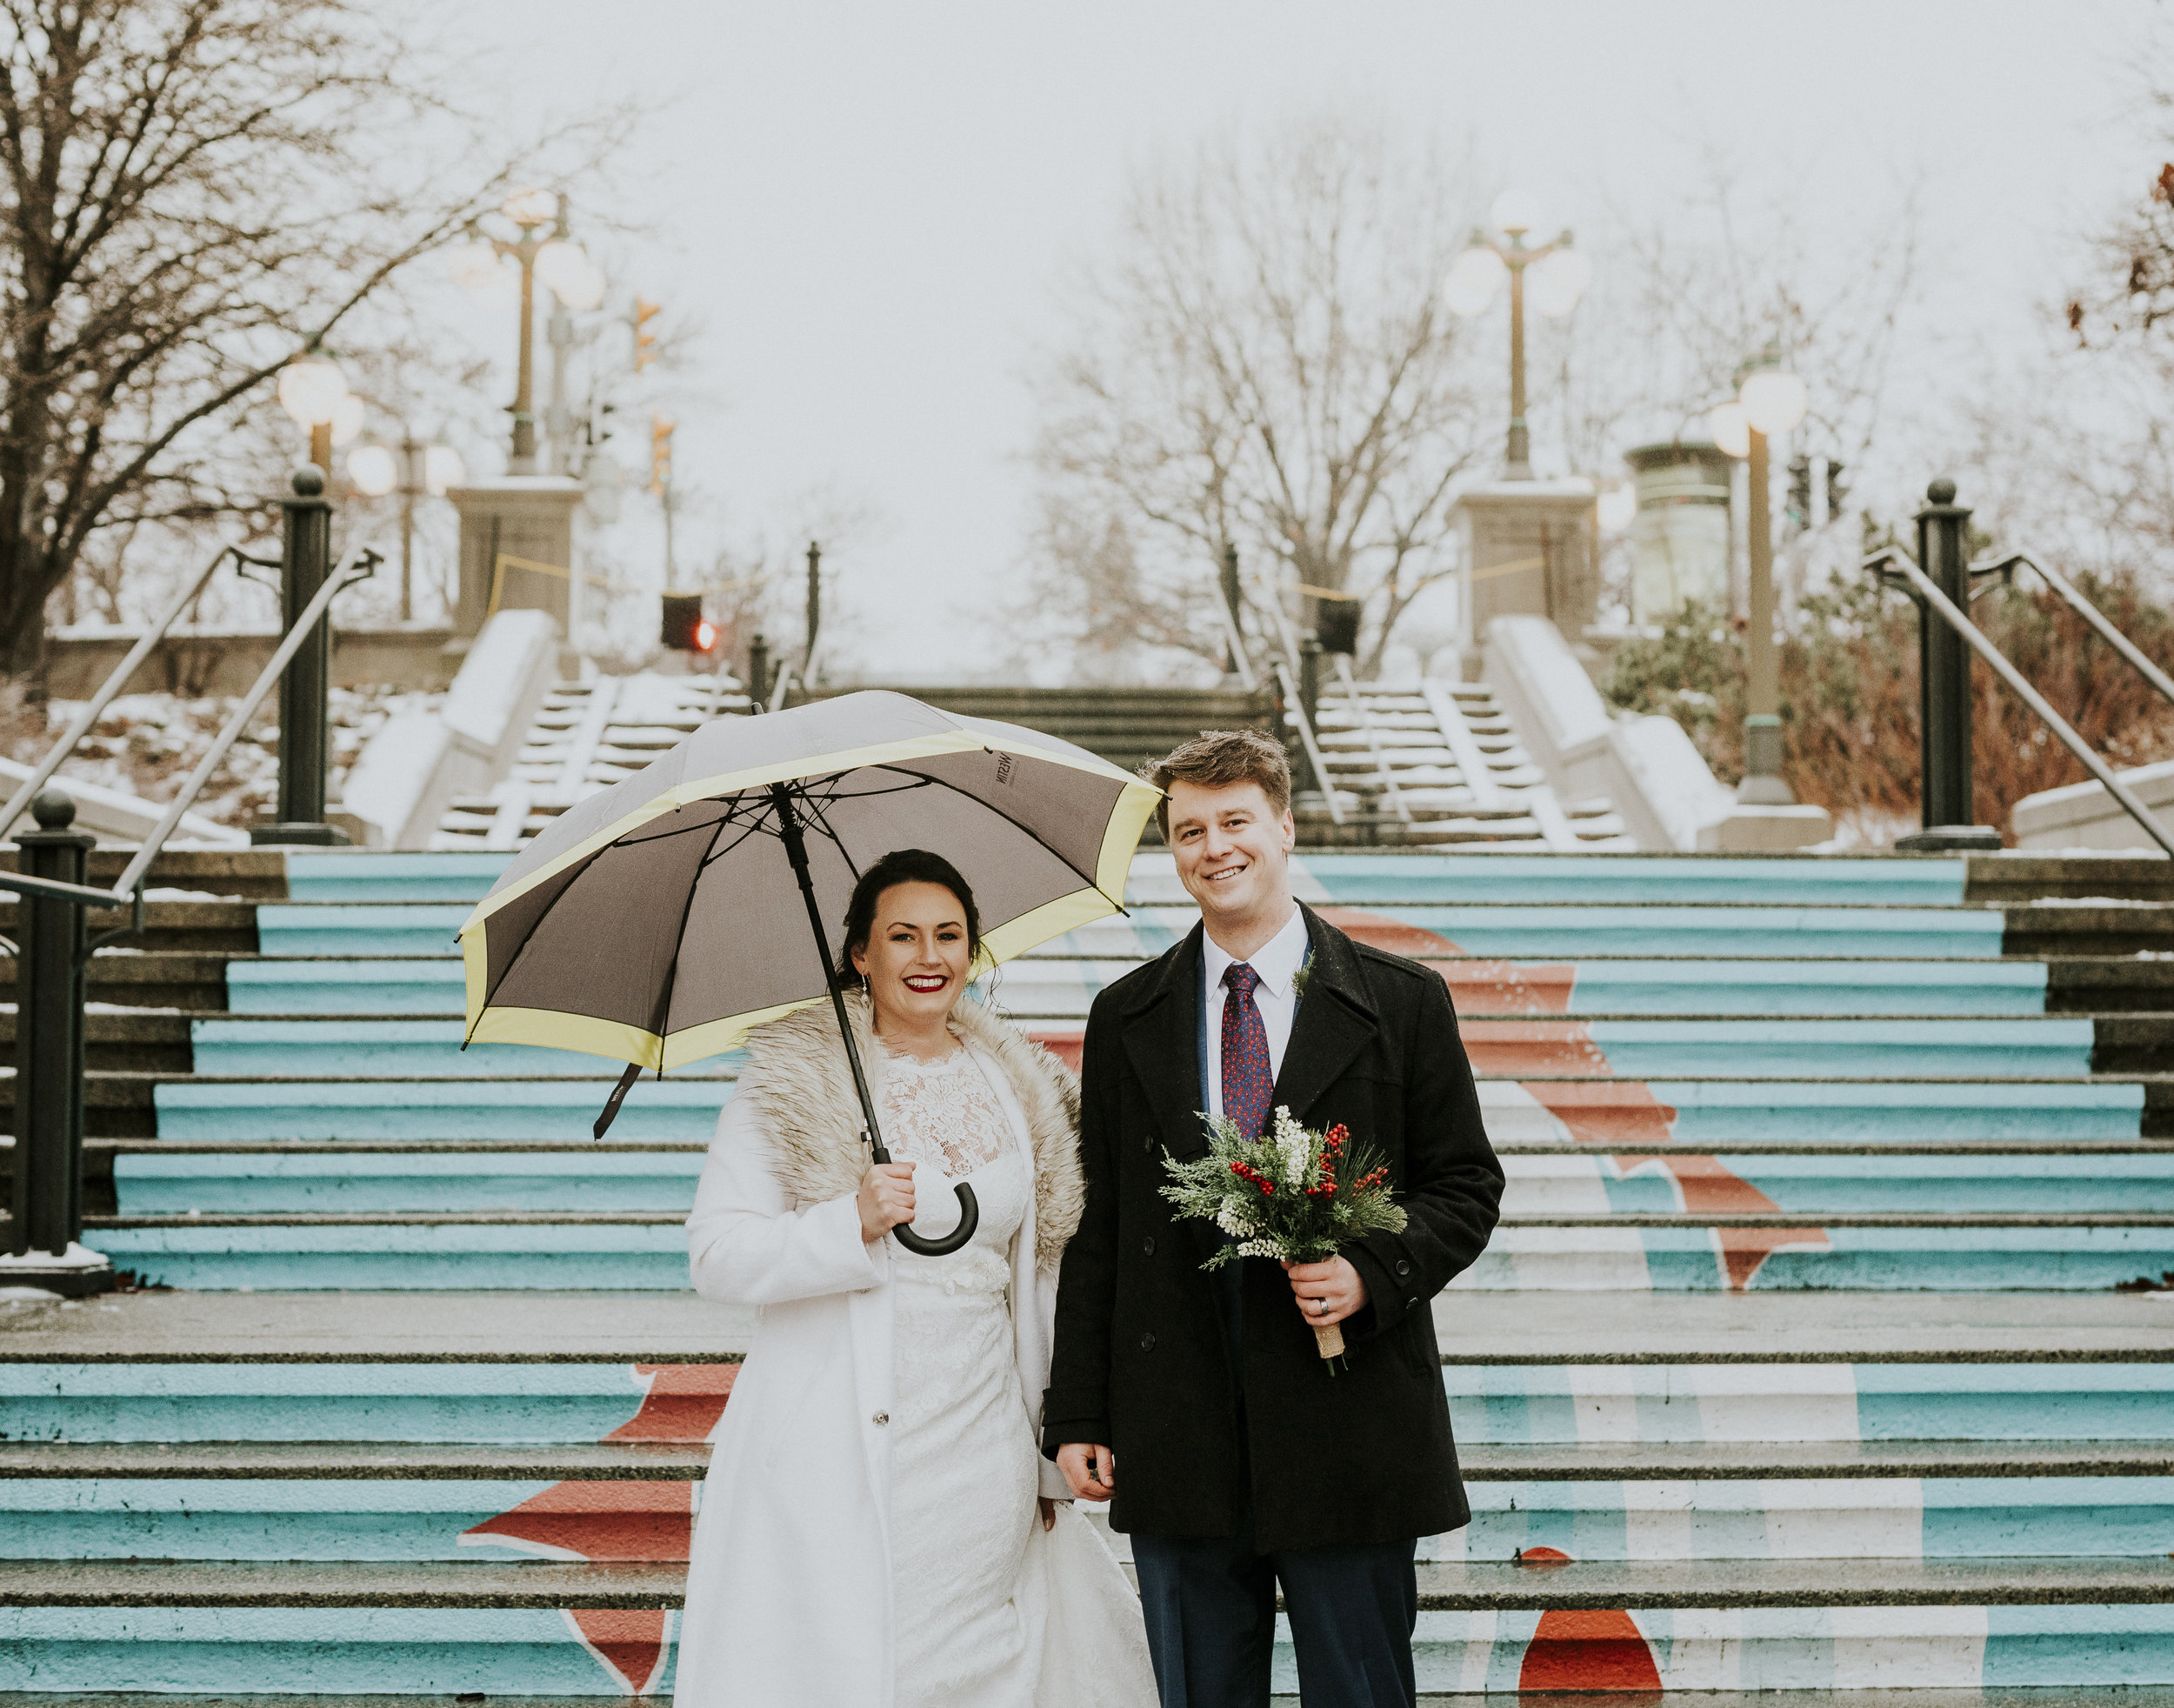 001_Bride + Groom Portraits-053.jpg